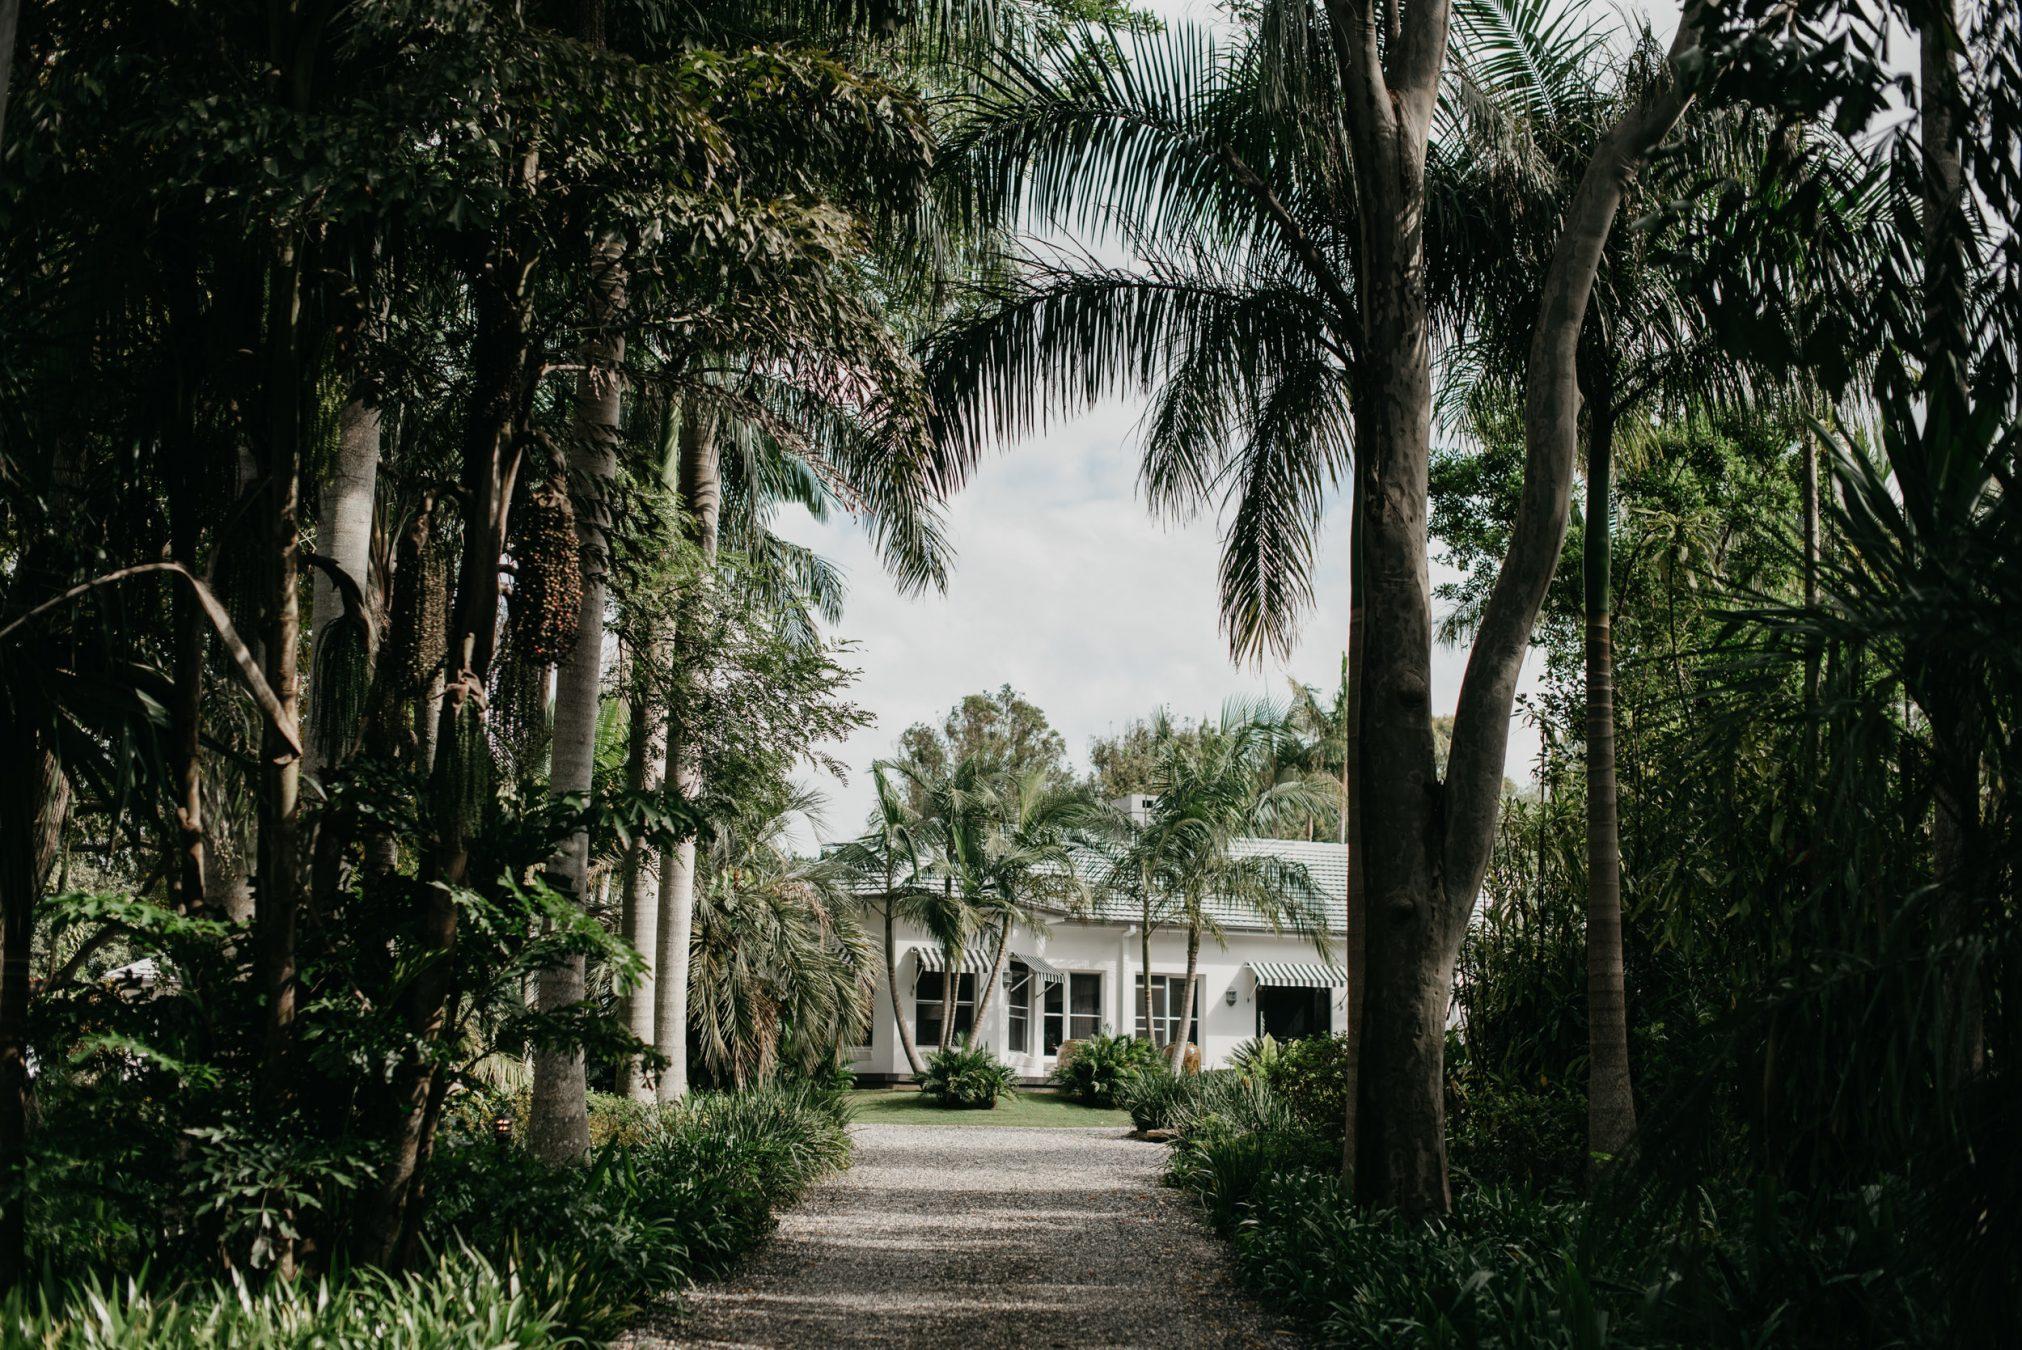 Driveway of wedding location.